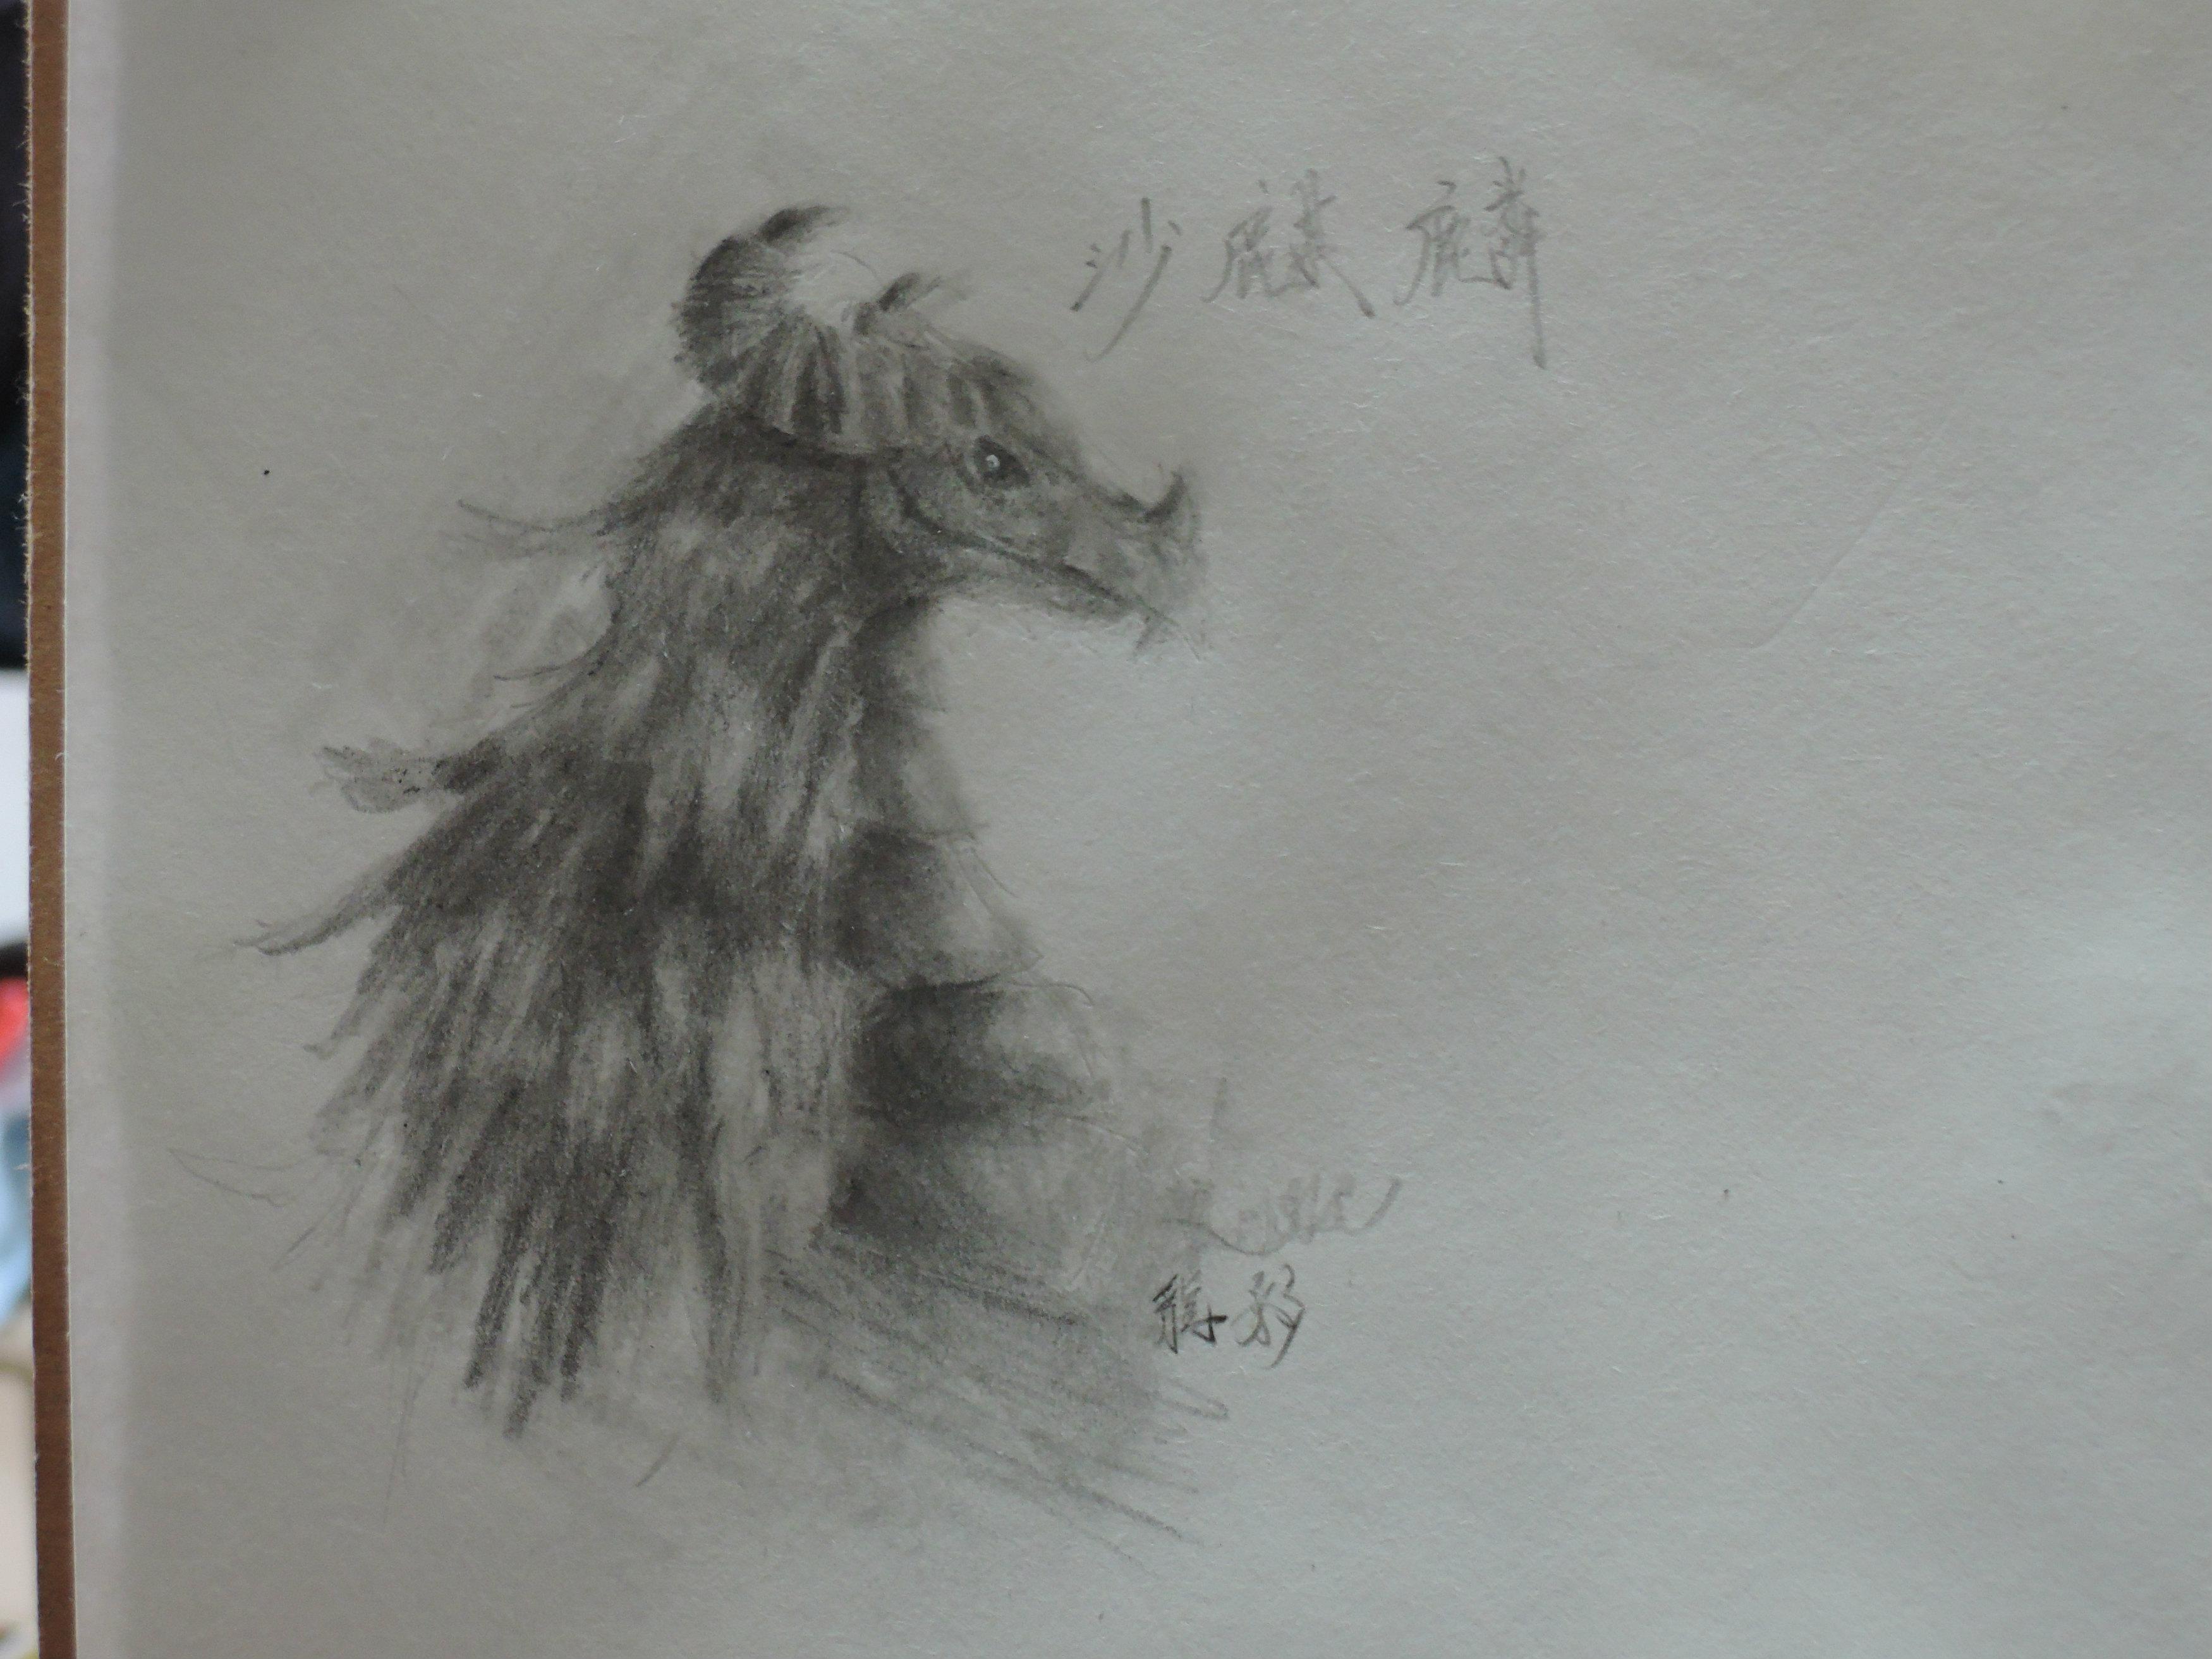 【龙影】 手绘图楼 长期更新